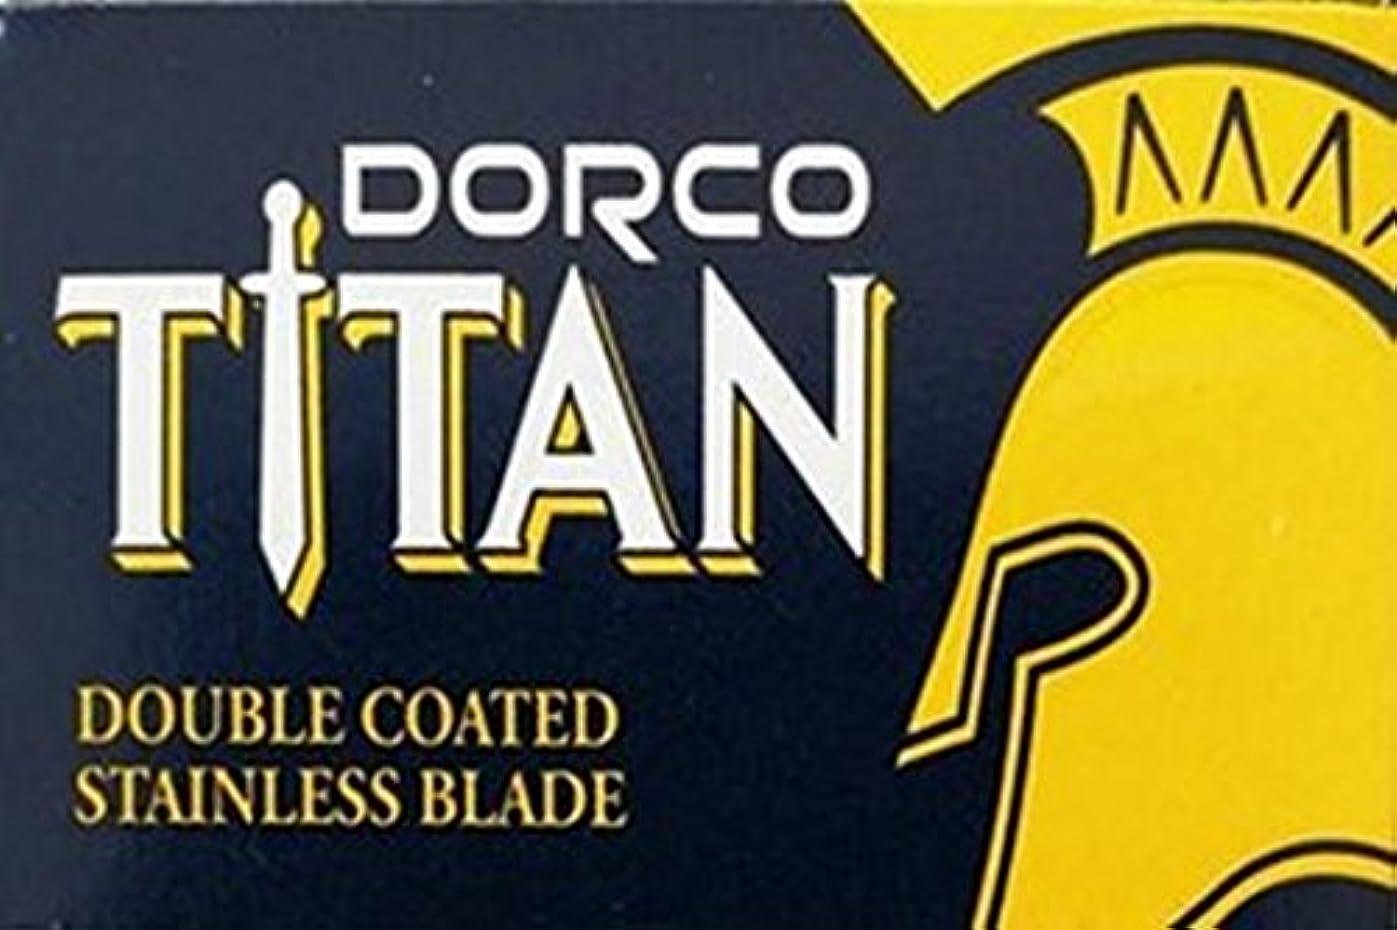 団結する植木破壊的Dorco Titan 両刃替刃 100枚入り(10枚入り10 個セット)【並行輸入品】